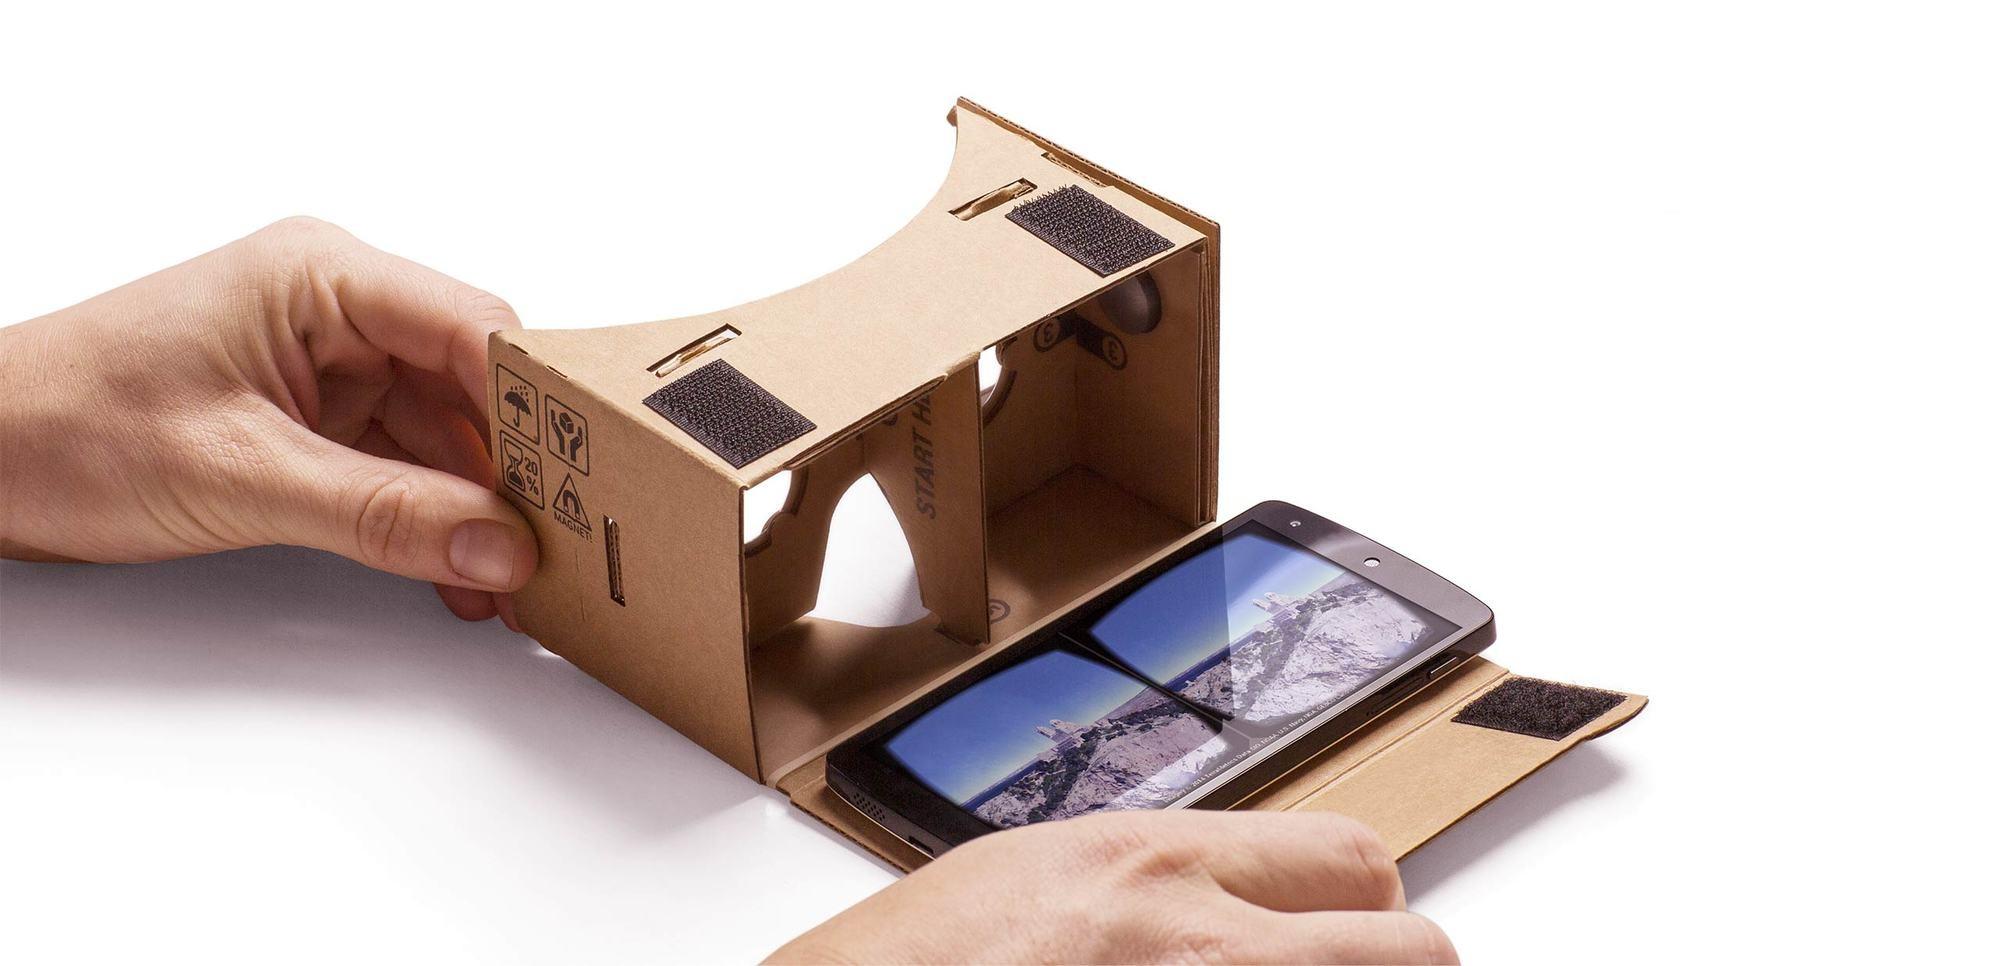 Realidade Virtual: Cada vez mais perto de você, Com um custo inicial de menos de US $ 20 (para quem possui um smartphone), o Google Cardboard pode ser a tecnologia que levará as pessoas a experimentar a realidade virtual. Imagem © Google através do site Google Cardboard